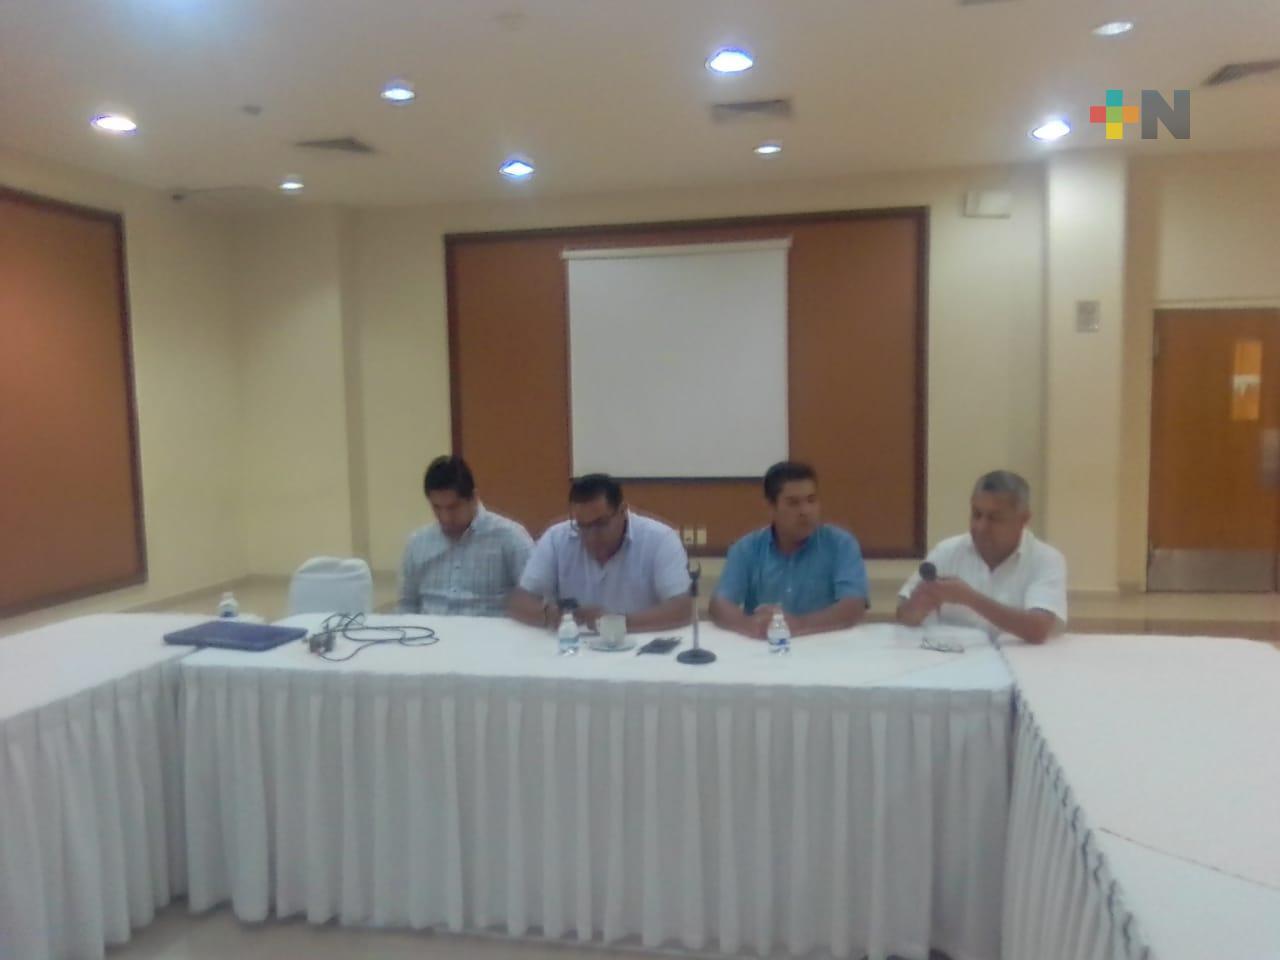 Pedirán juicio político para magistrada por no garantizar imparcialidad en elecciones de Orizaba y Veracruz